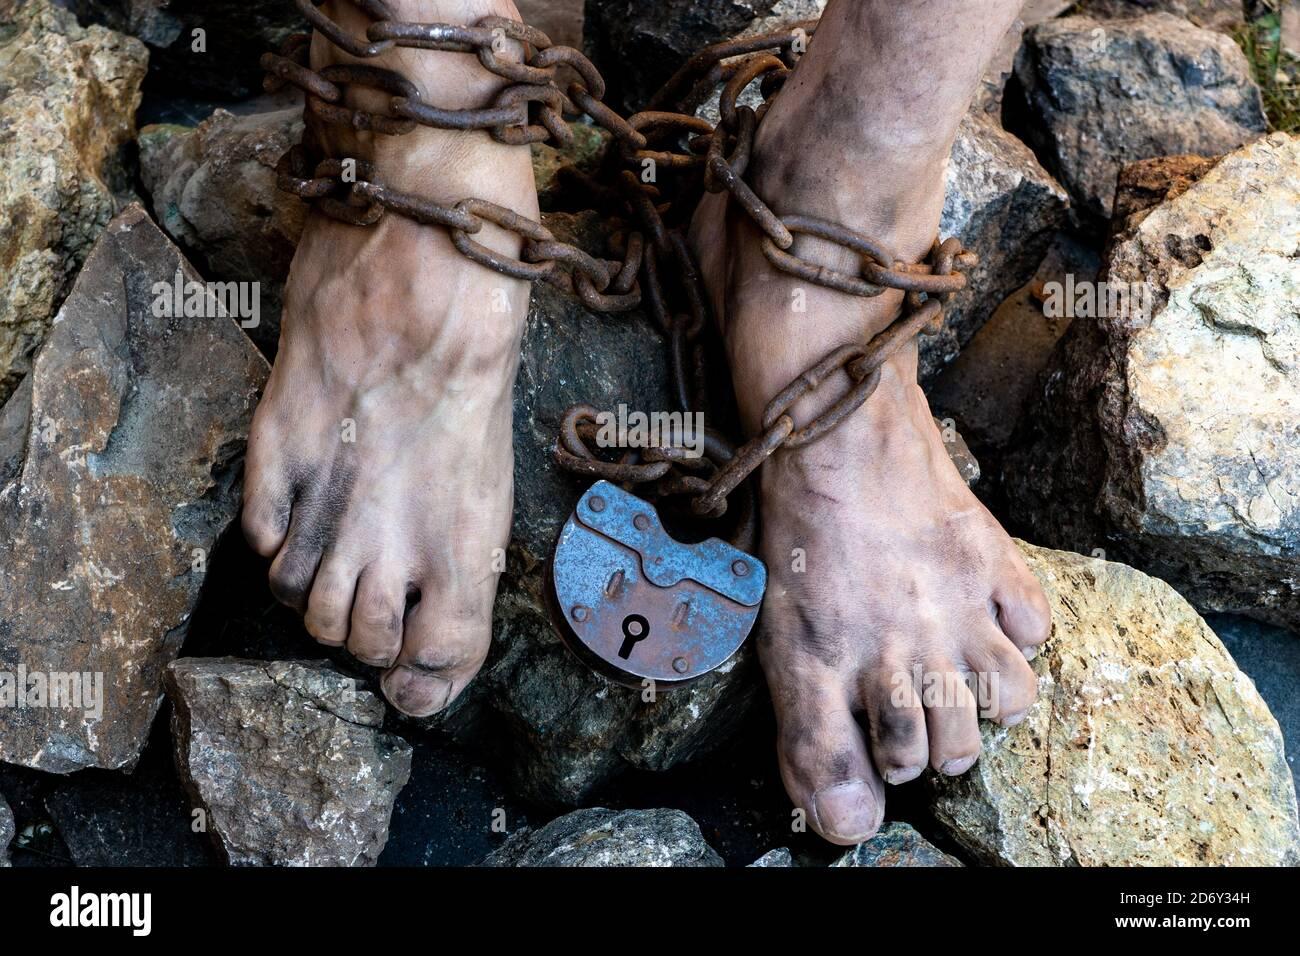 Les pieds sales de l'esclave sont enroulés dans une chaîne rouillée avec une grande serrure. Concept de travail esclave Banque D'Images